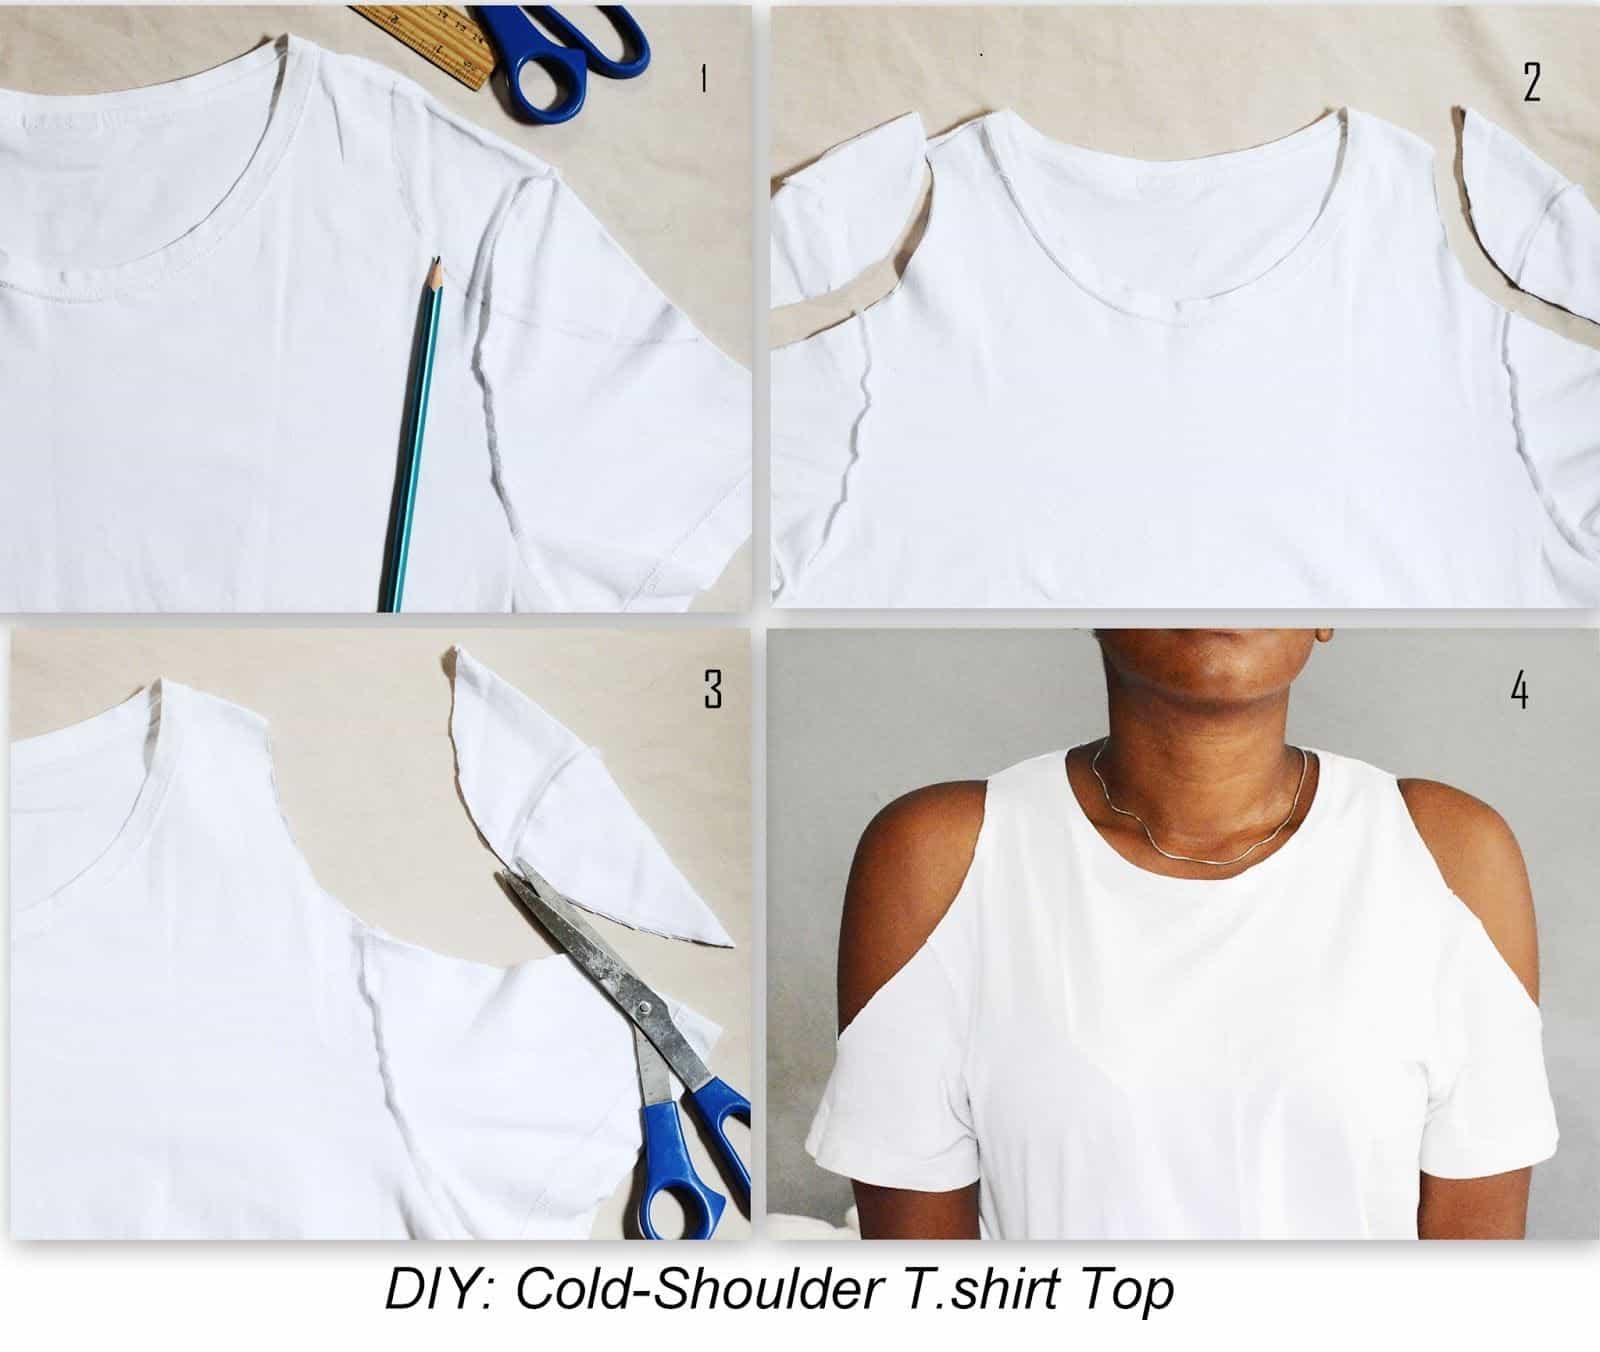 Cold shoulder t shirt